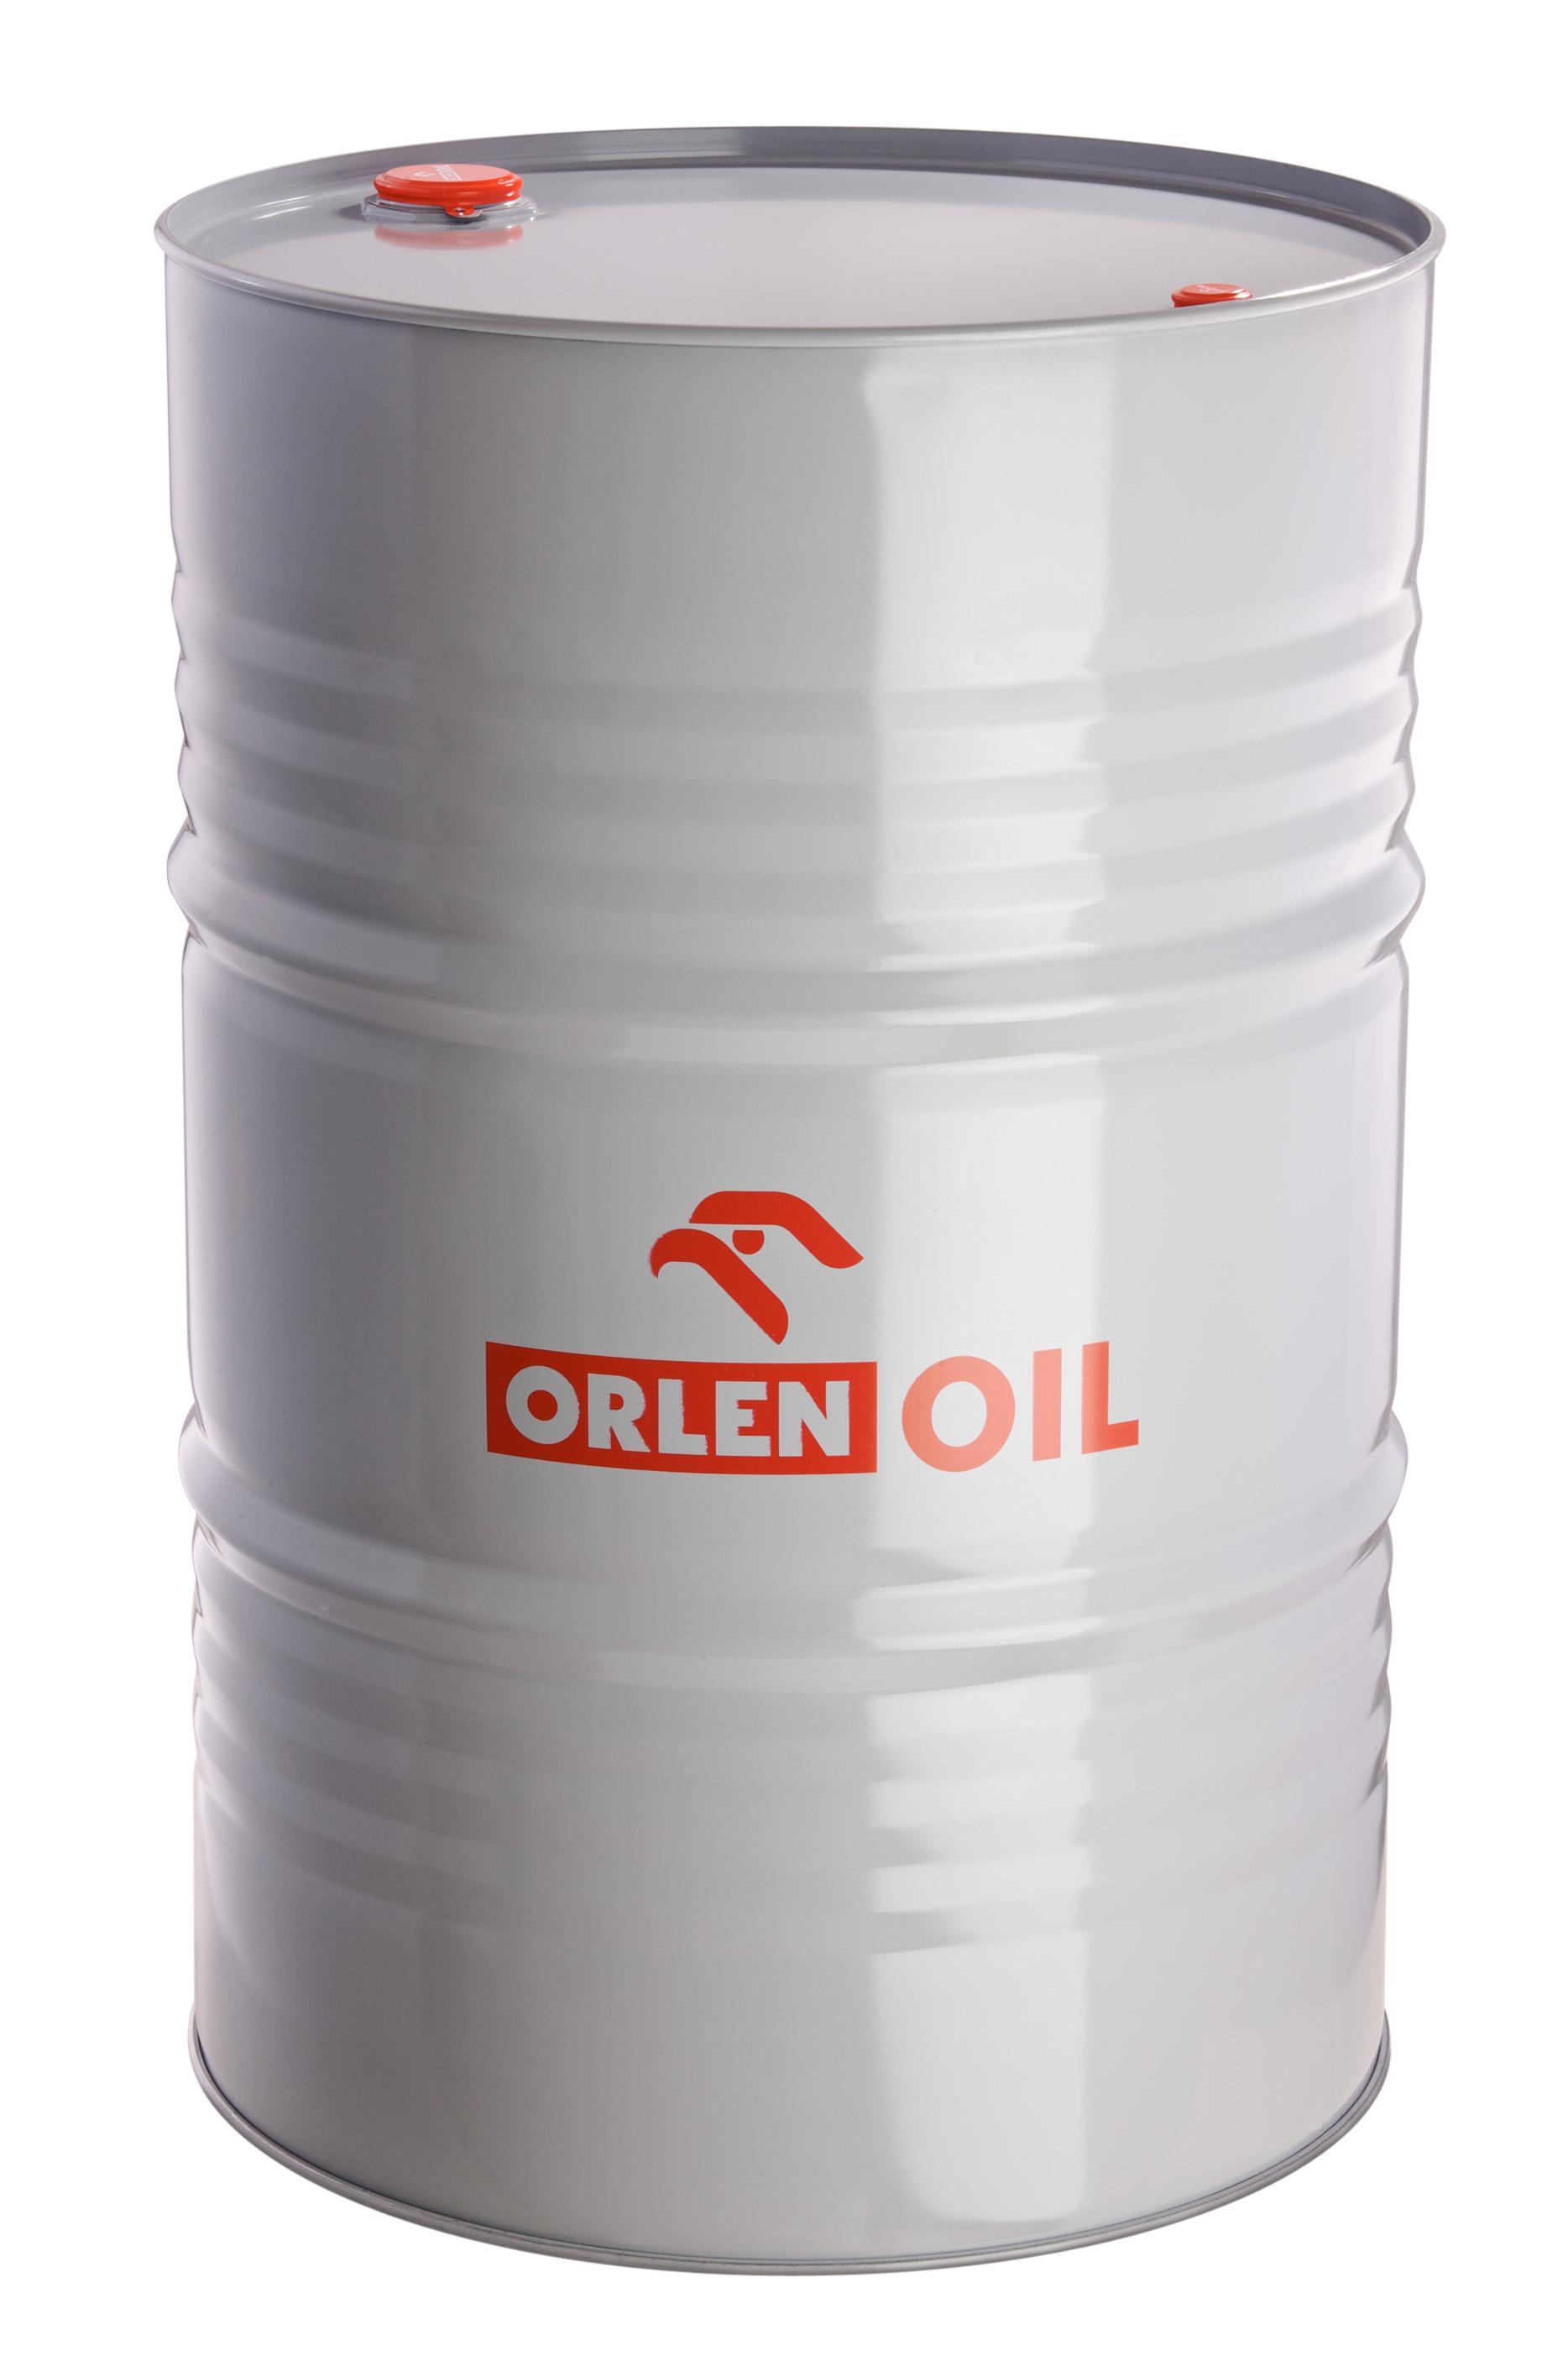 ORLEN OIL OH-120 M      BECZKA 205L